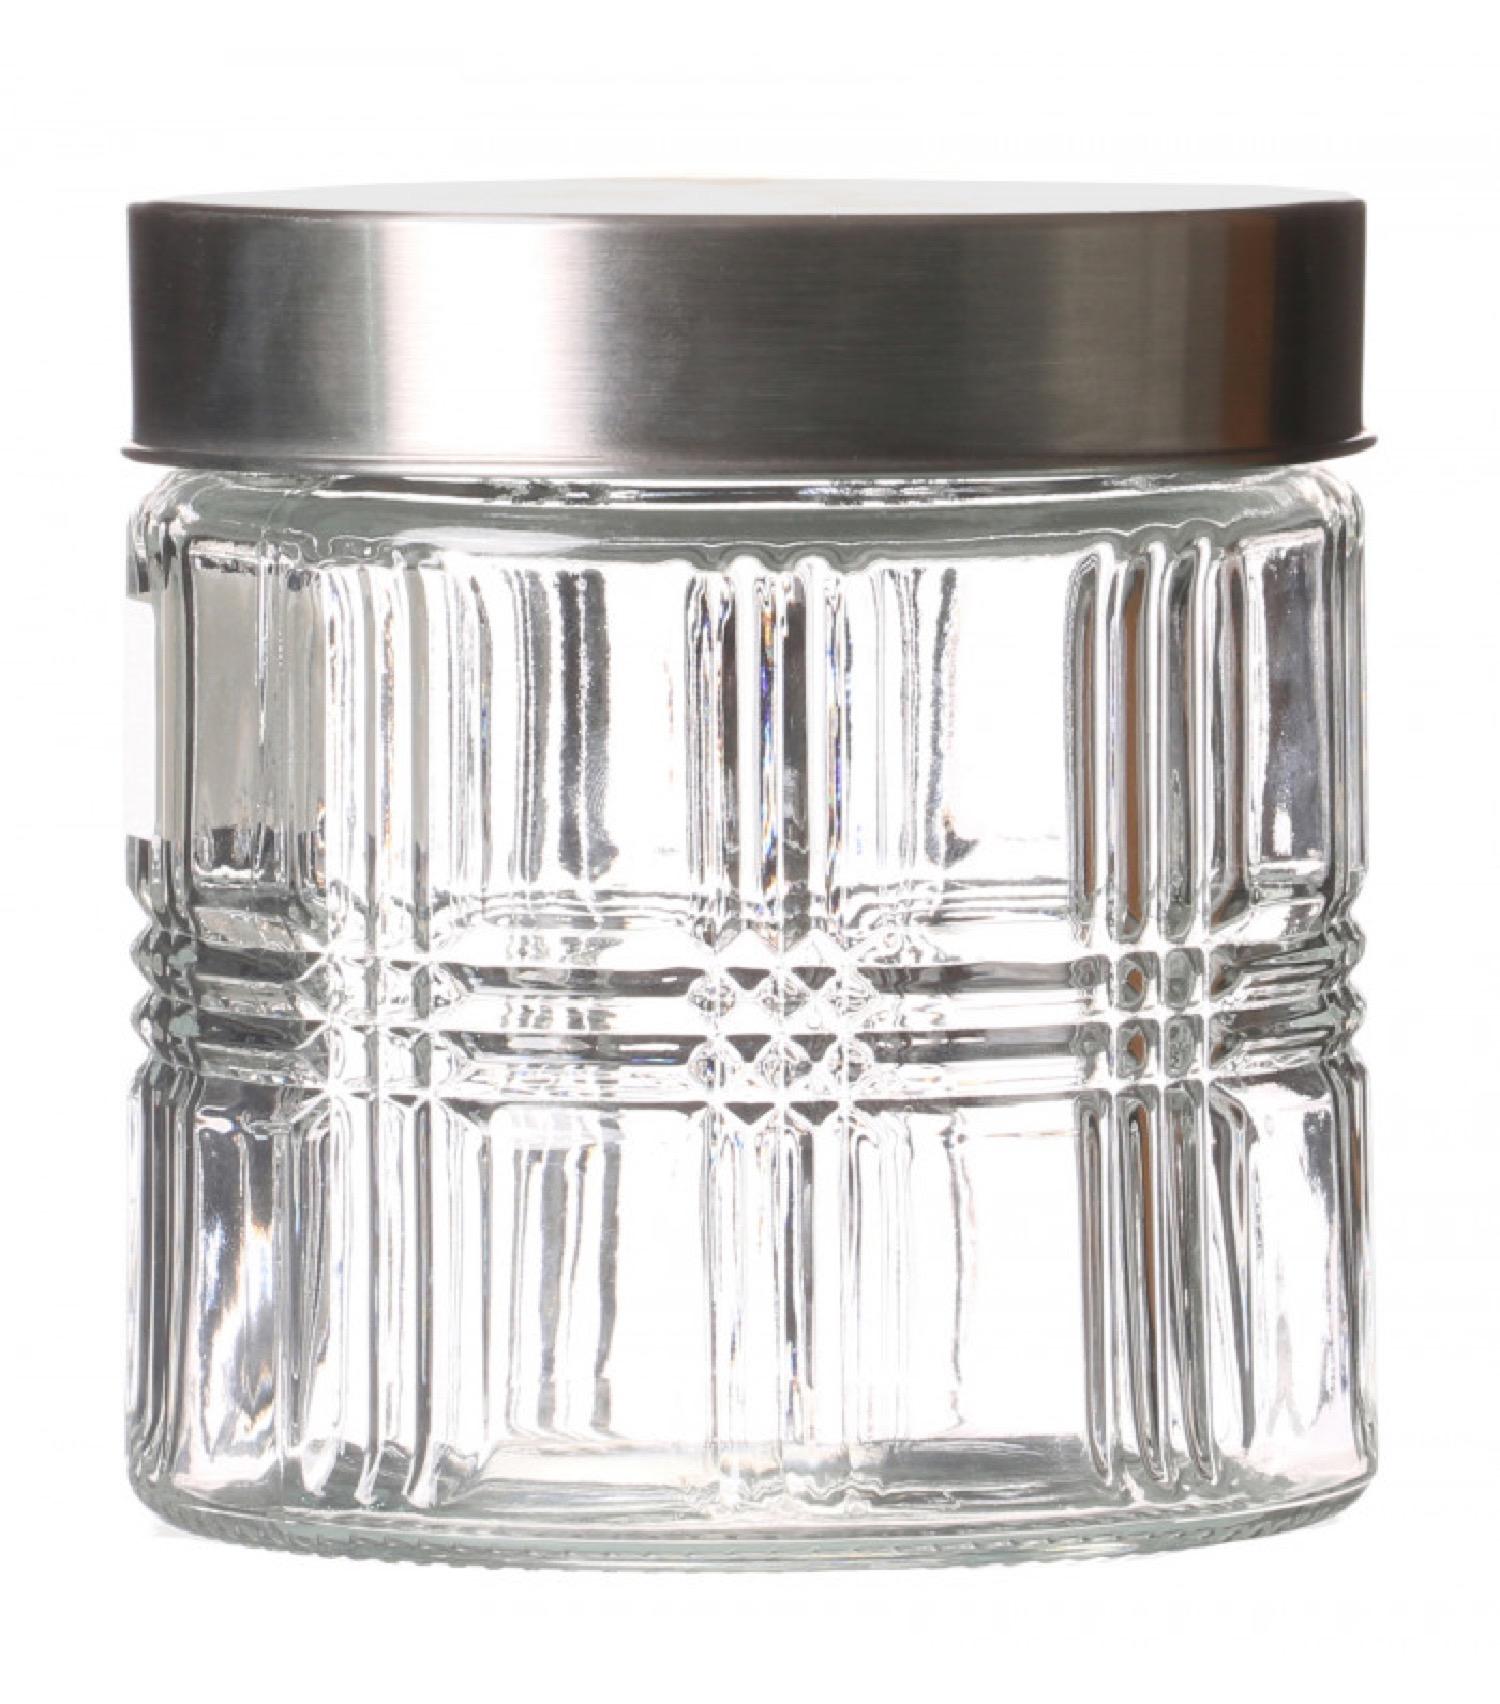 Bocal cuisine hermétique en verre avec couvercle inox 800ml